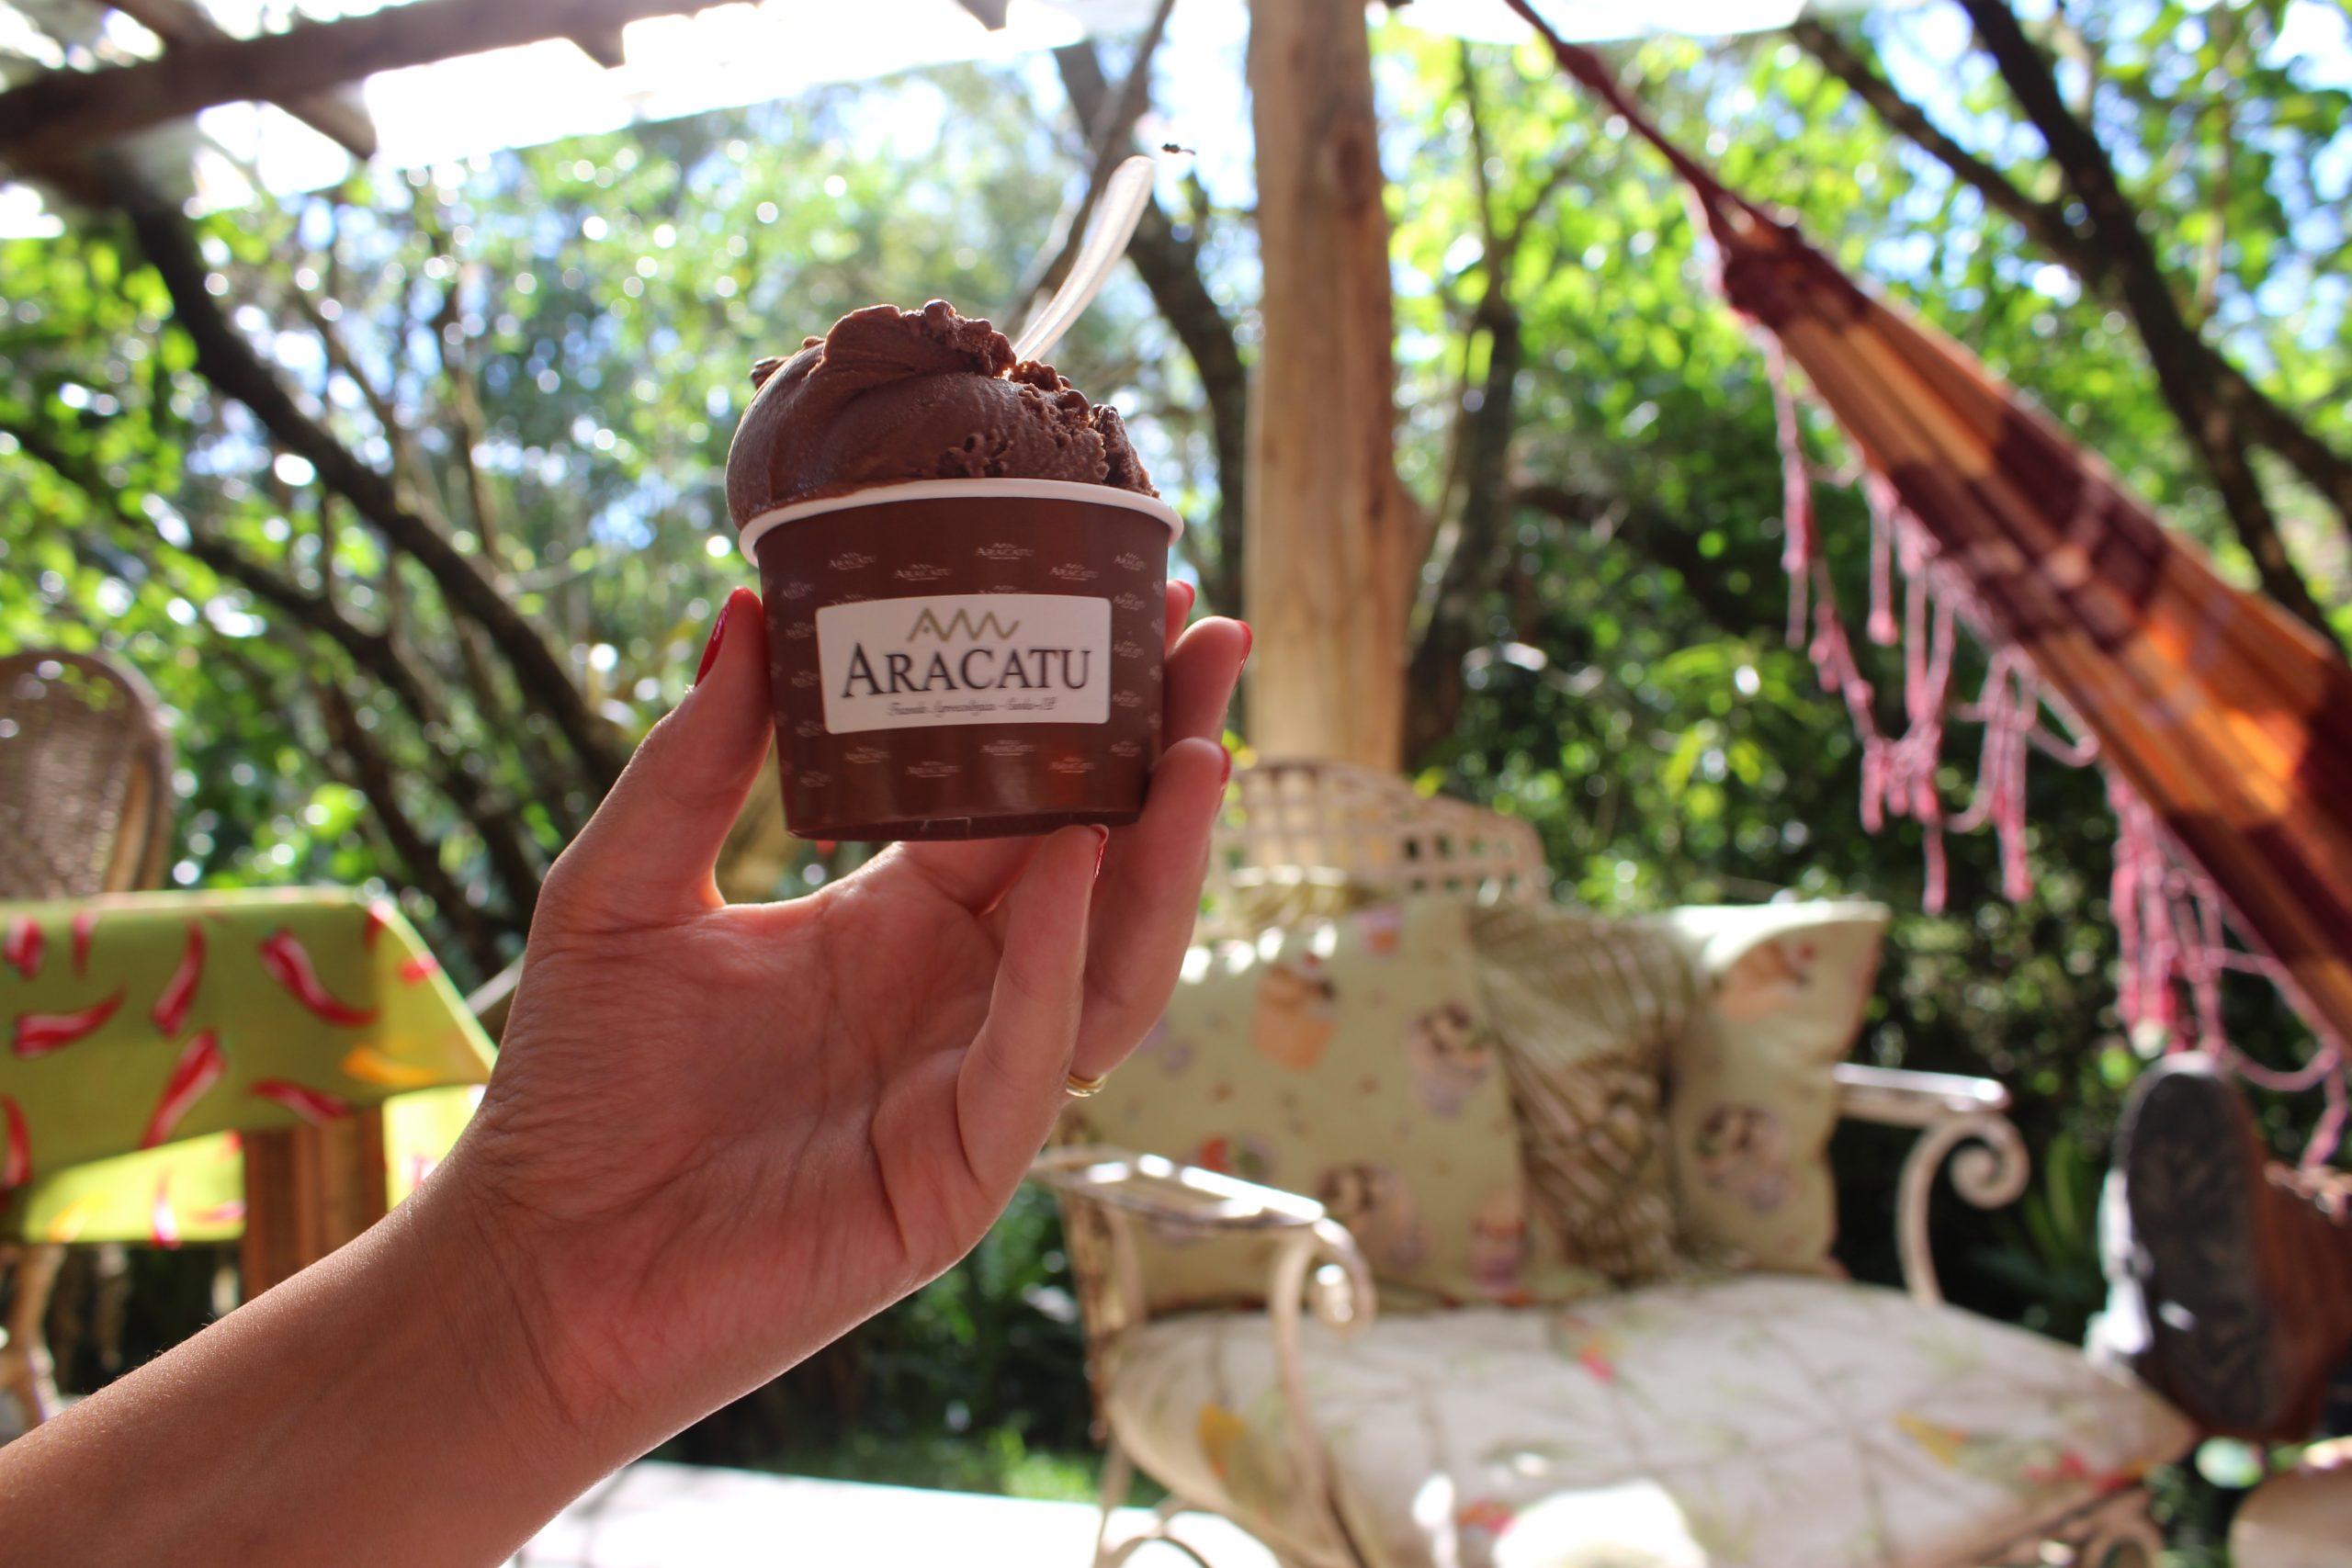 fazenda_aracatu_sorvete